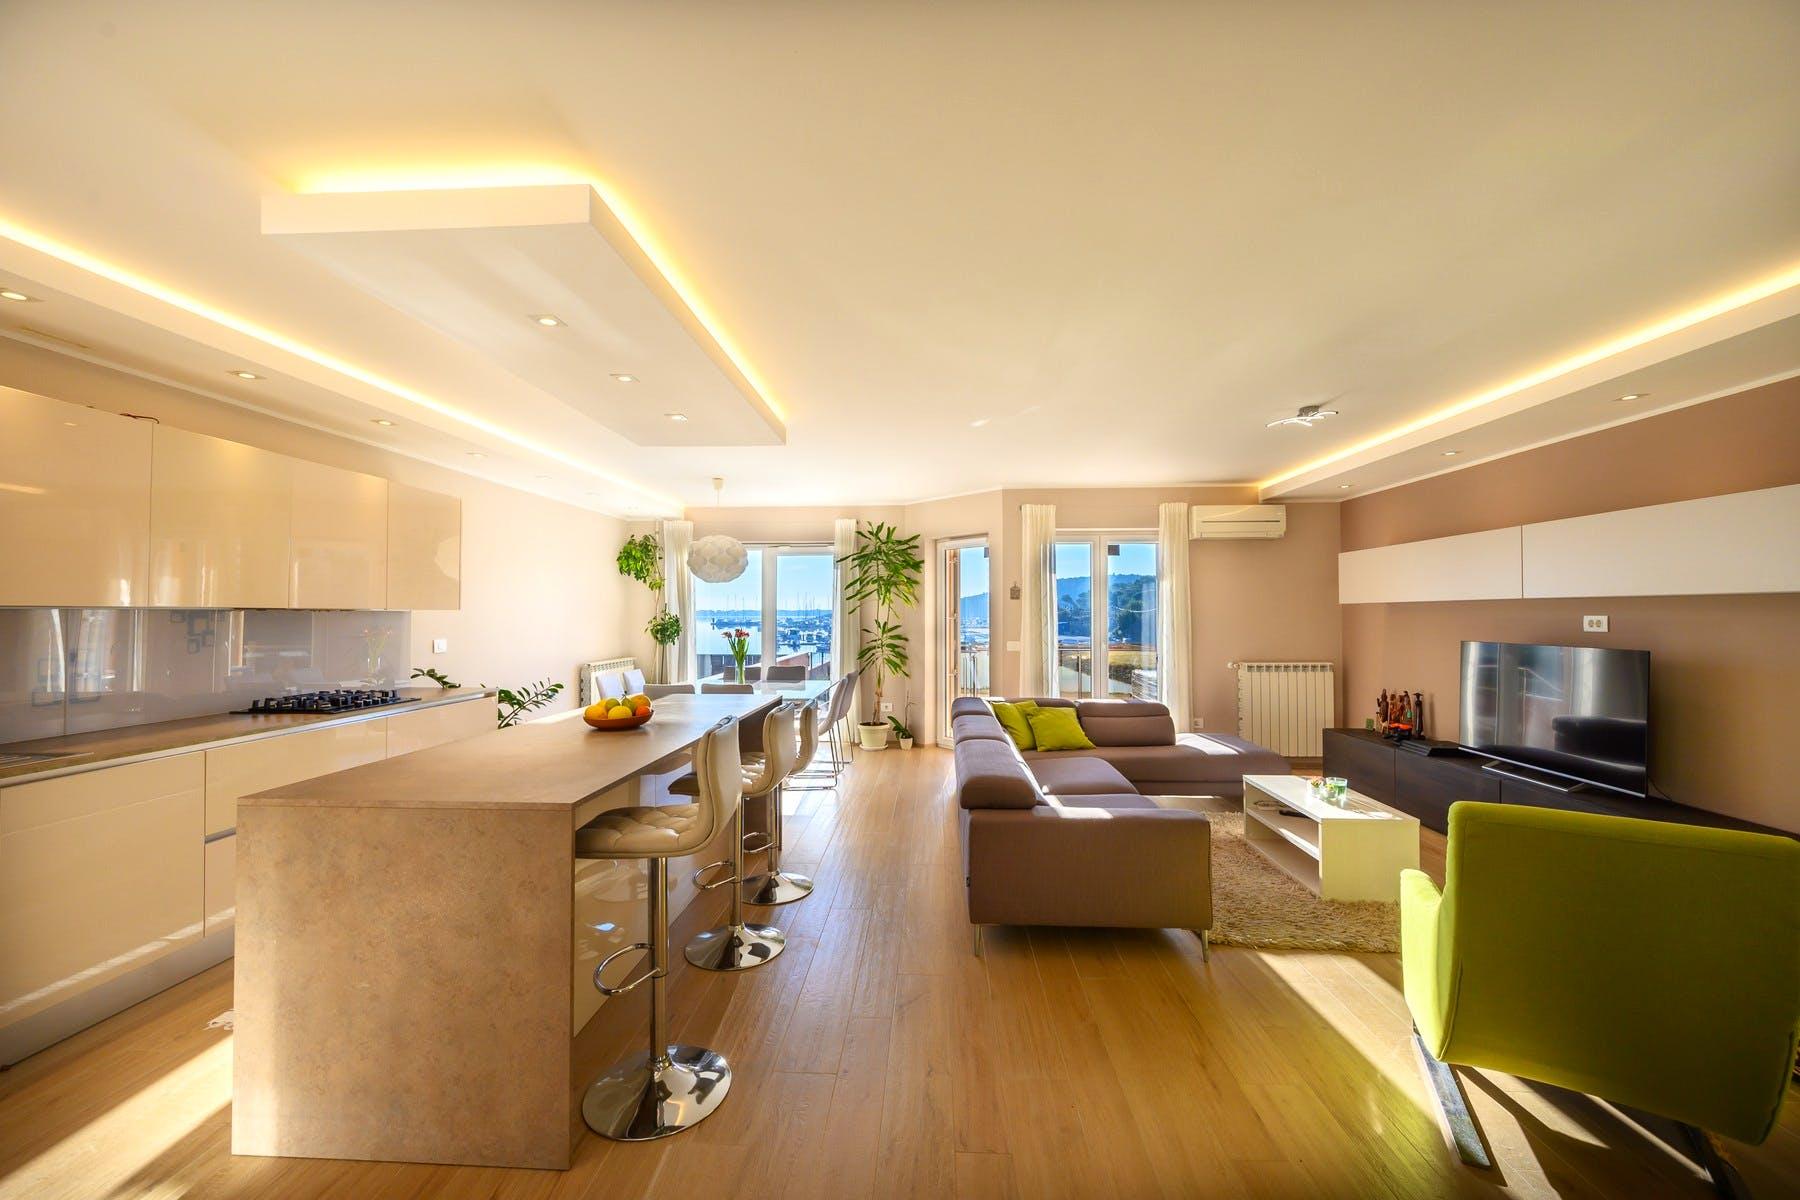 Moderni apartman na prodaju s lijepim pogledom na more i marinu